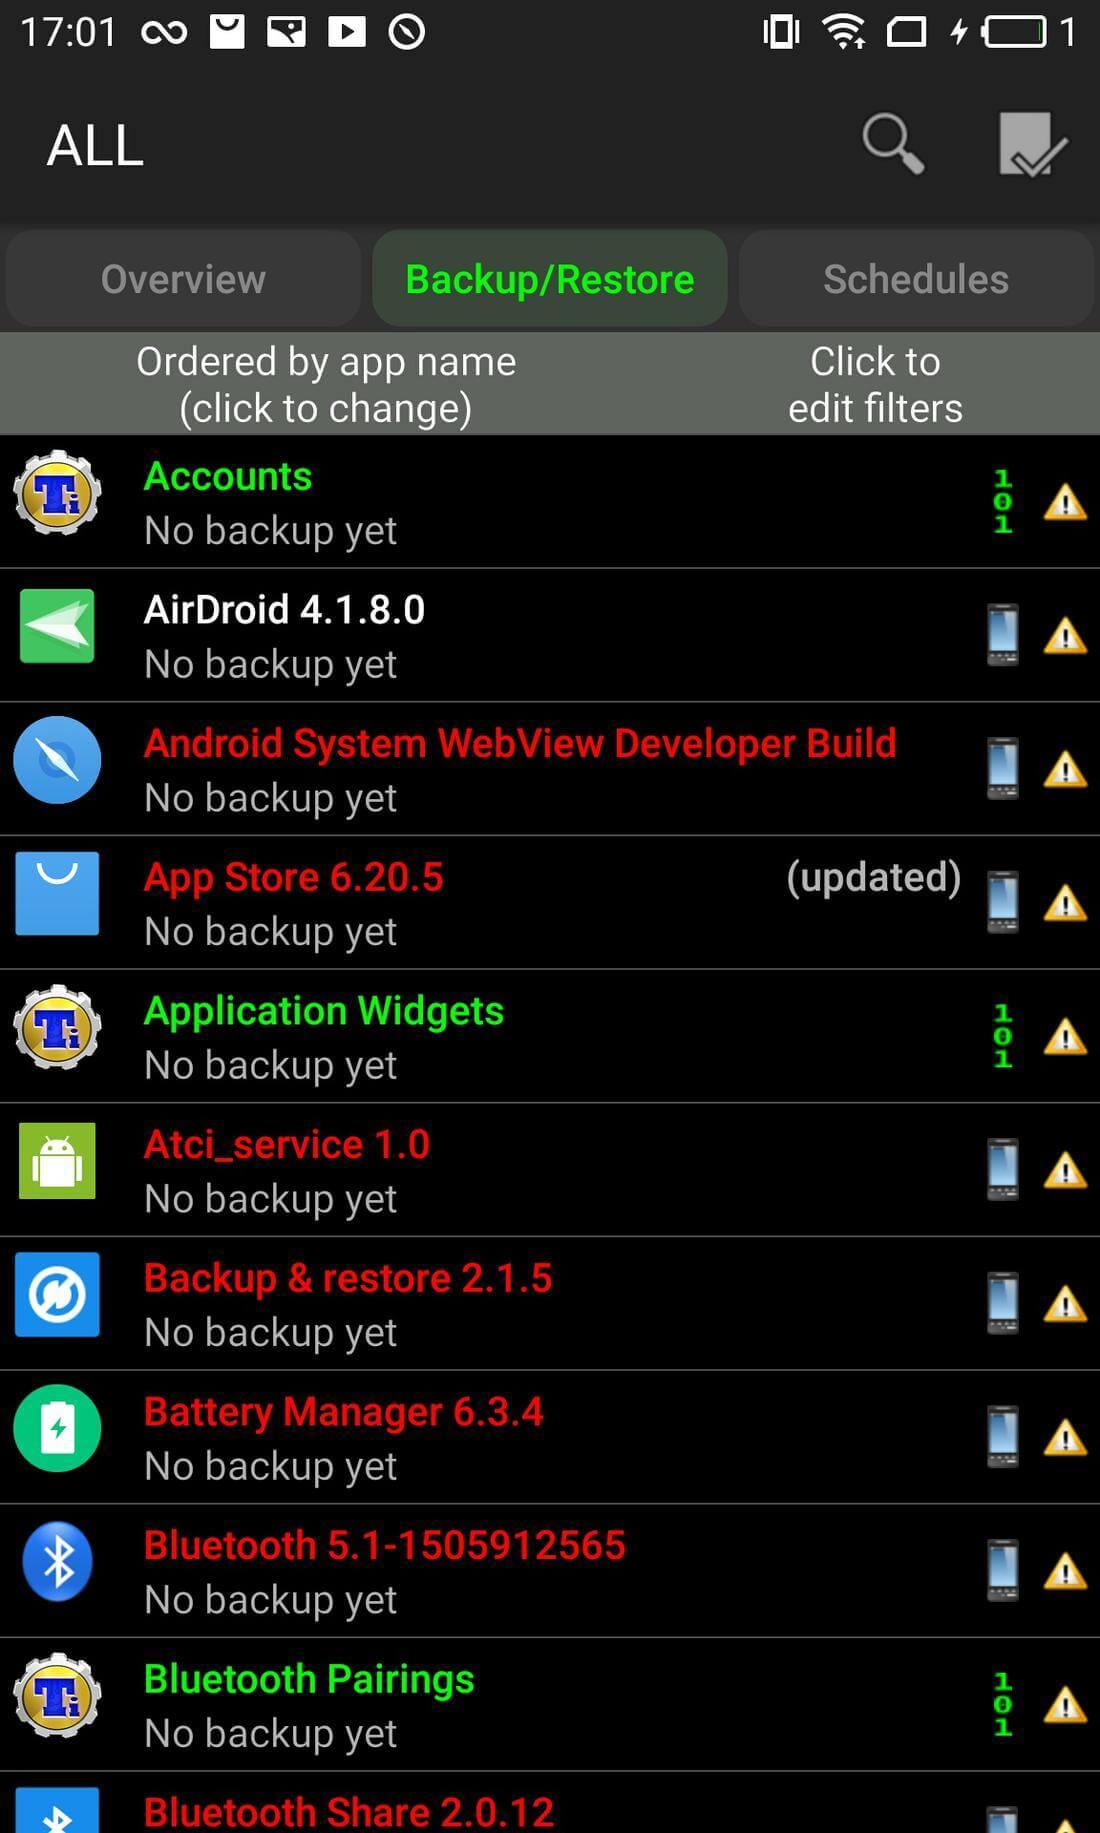 Скриншот #4 из программы Titanium Backup